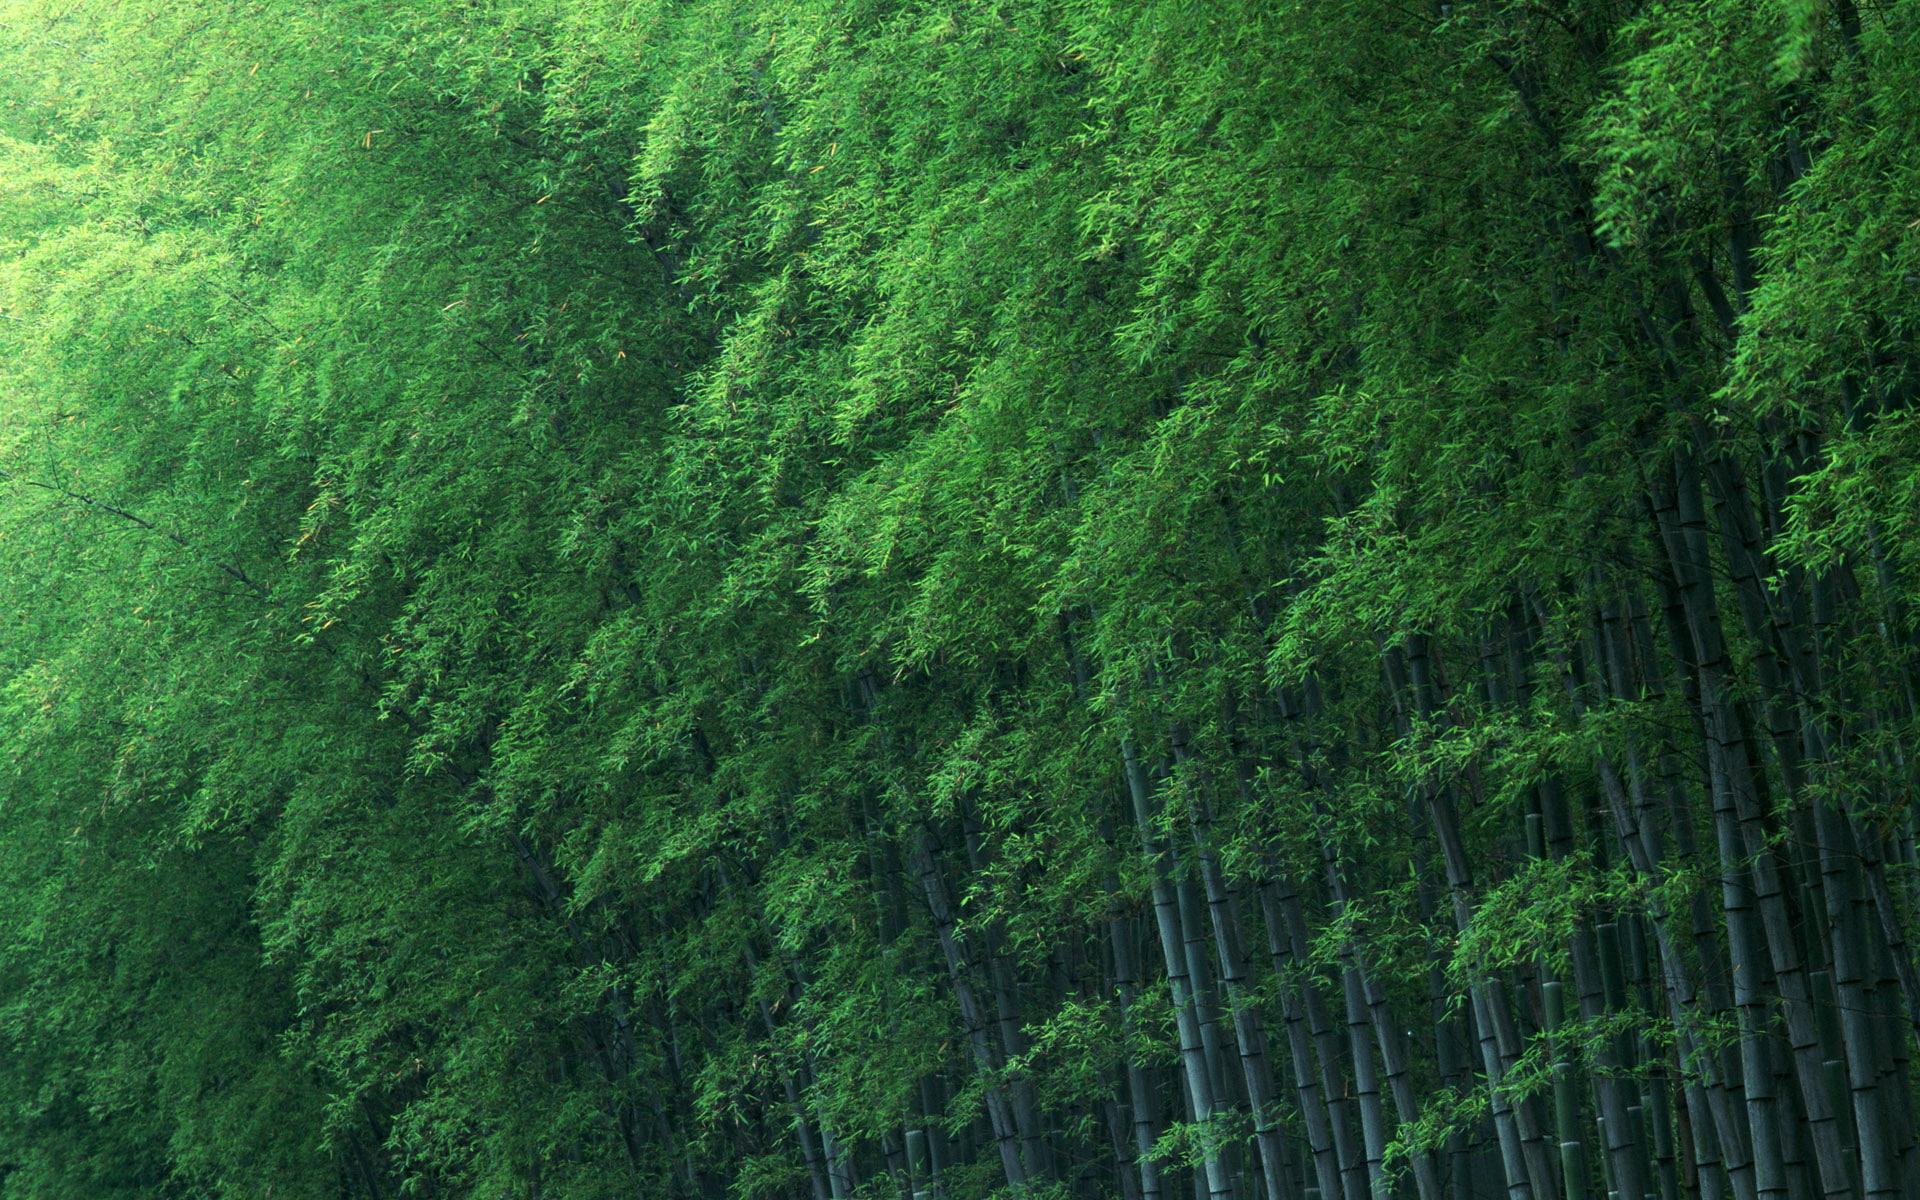 Photo Wallpaper Trees, Green, Bamboo - Macbook Wallpaper Bamboo Forest - HD Wallpaper